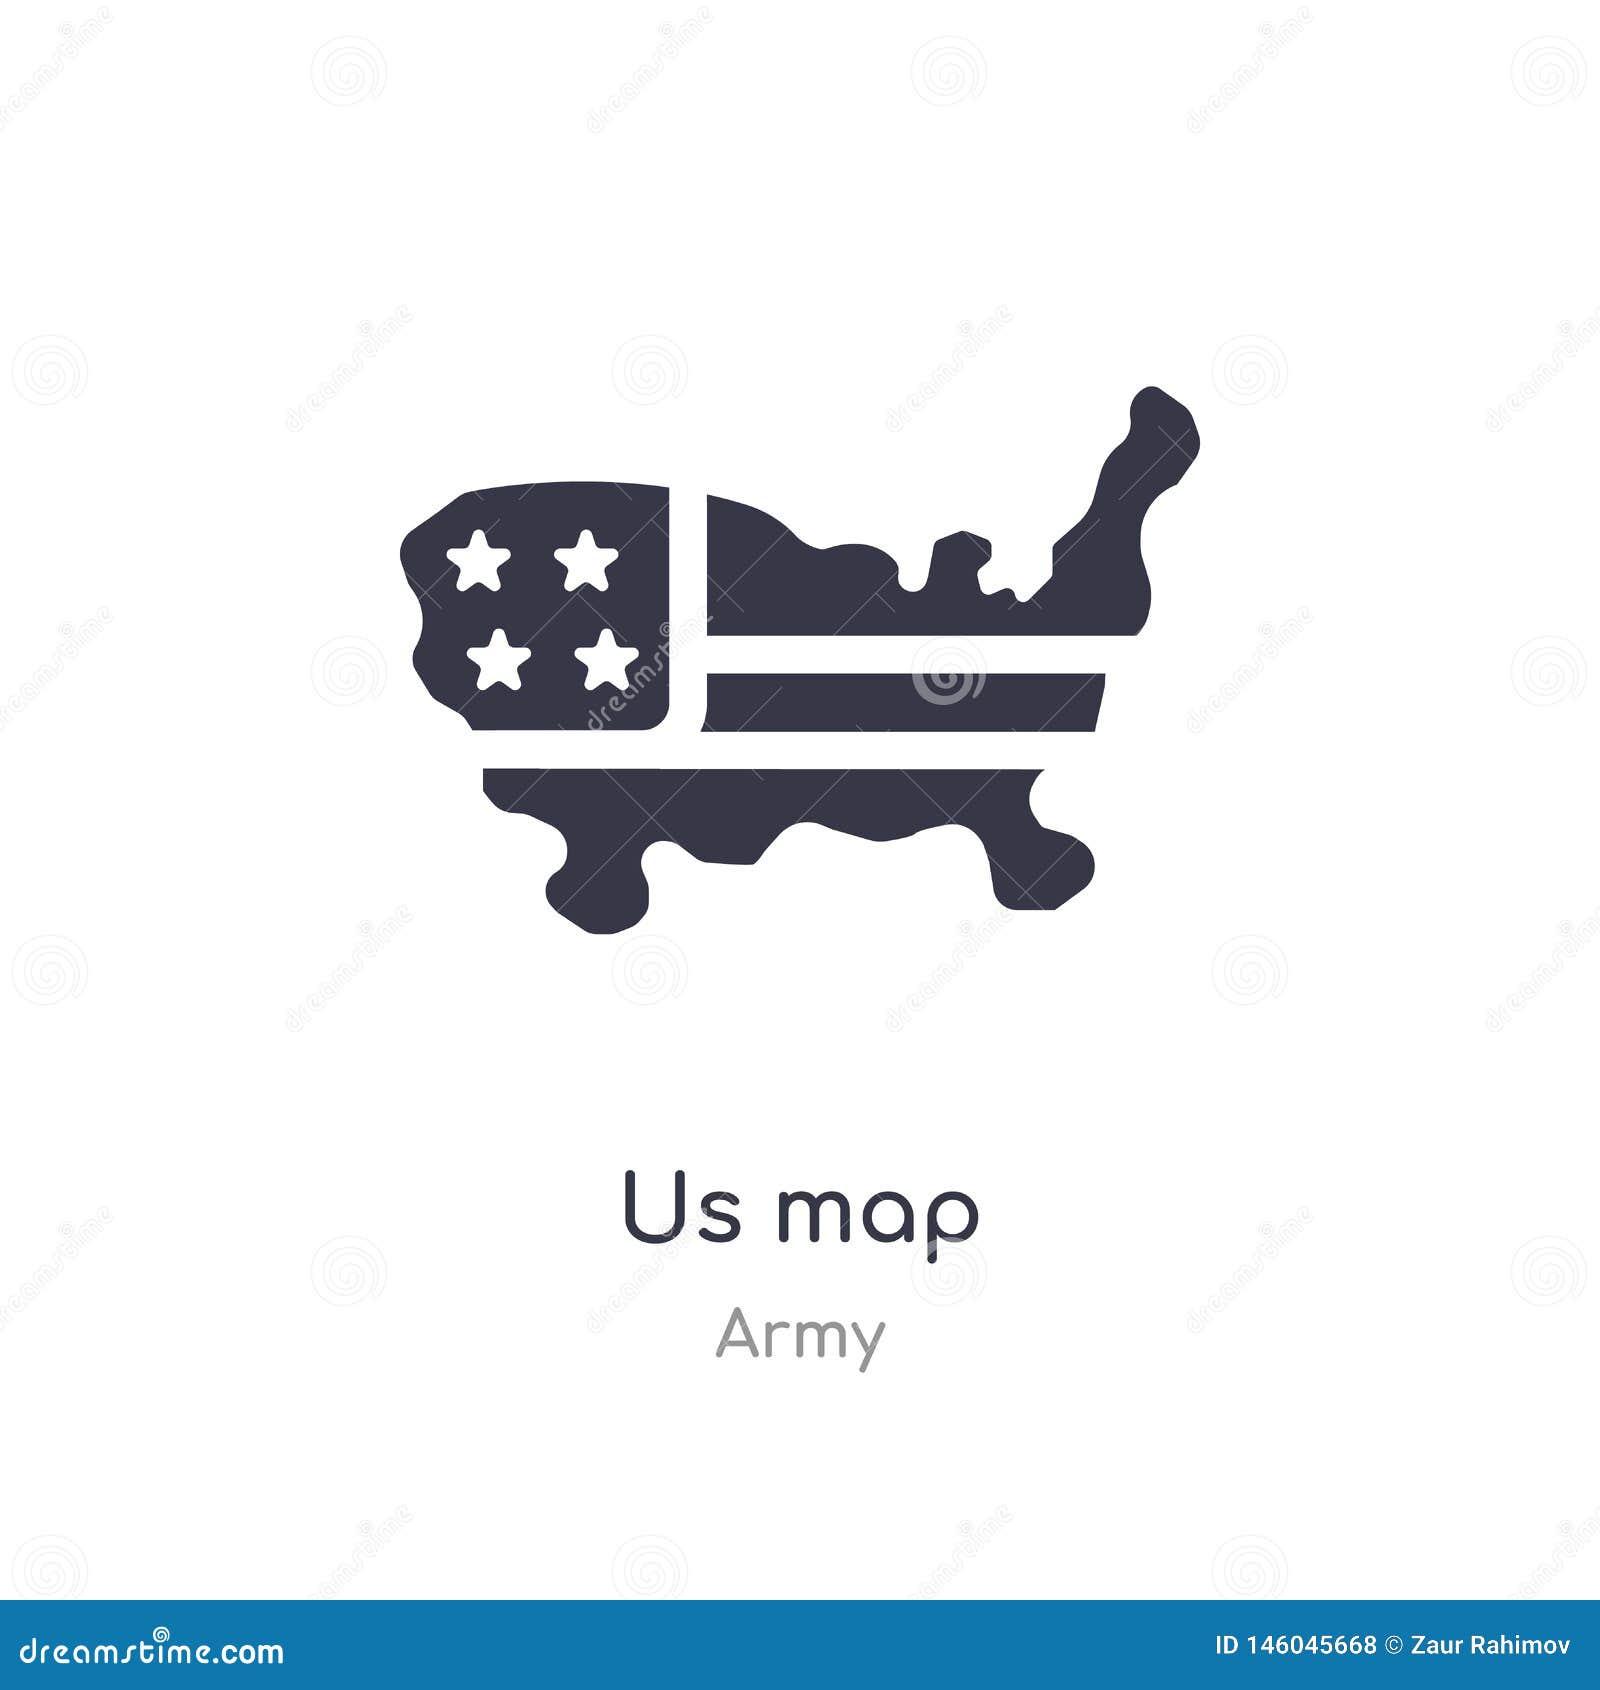 мы значок карты изолировал нас для того чтобы составить карту иллюстрация вектора значка от собрания армии editable спойте символ